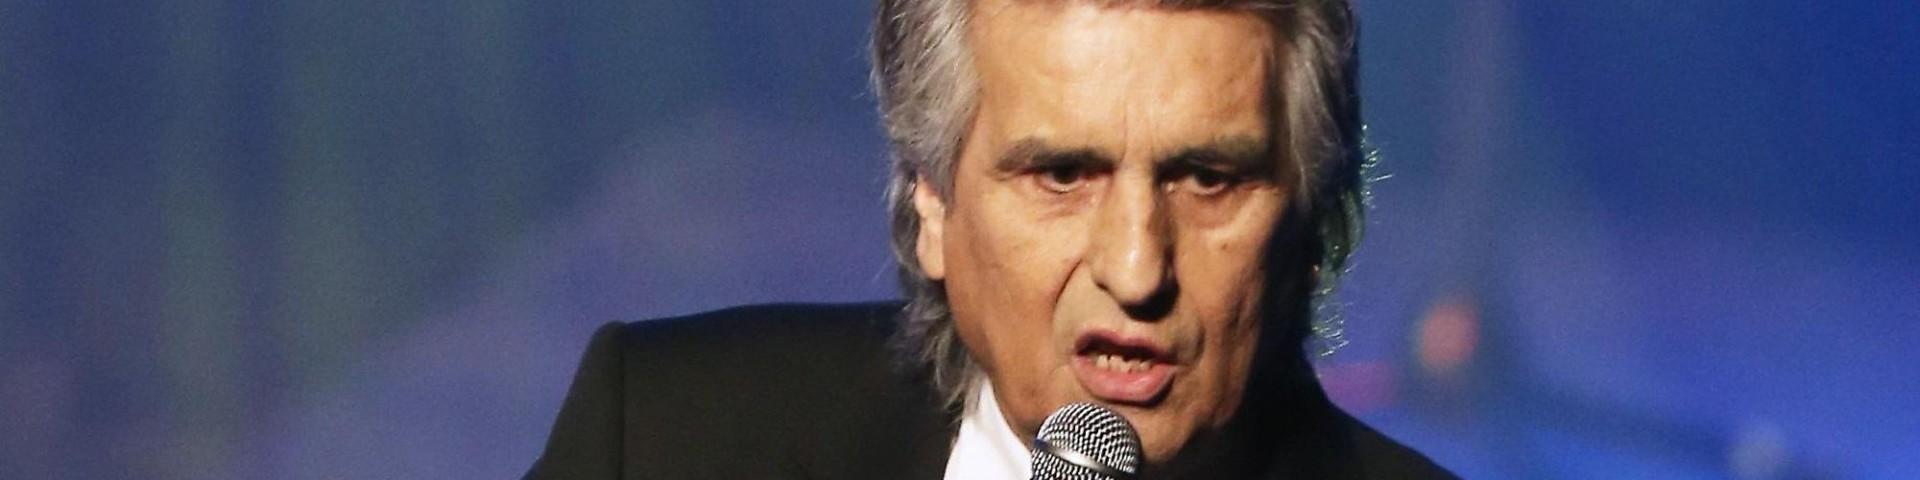 Toto Cutugno: anche lui nella lista nera ucraina dopo Al Bano